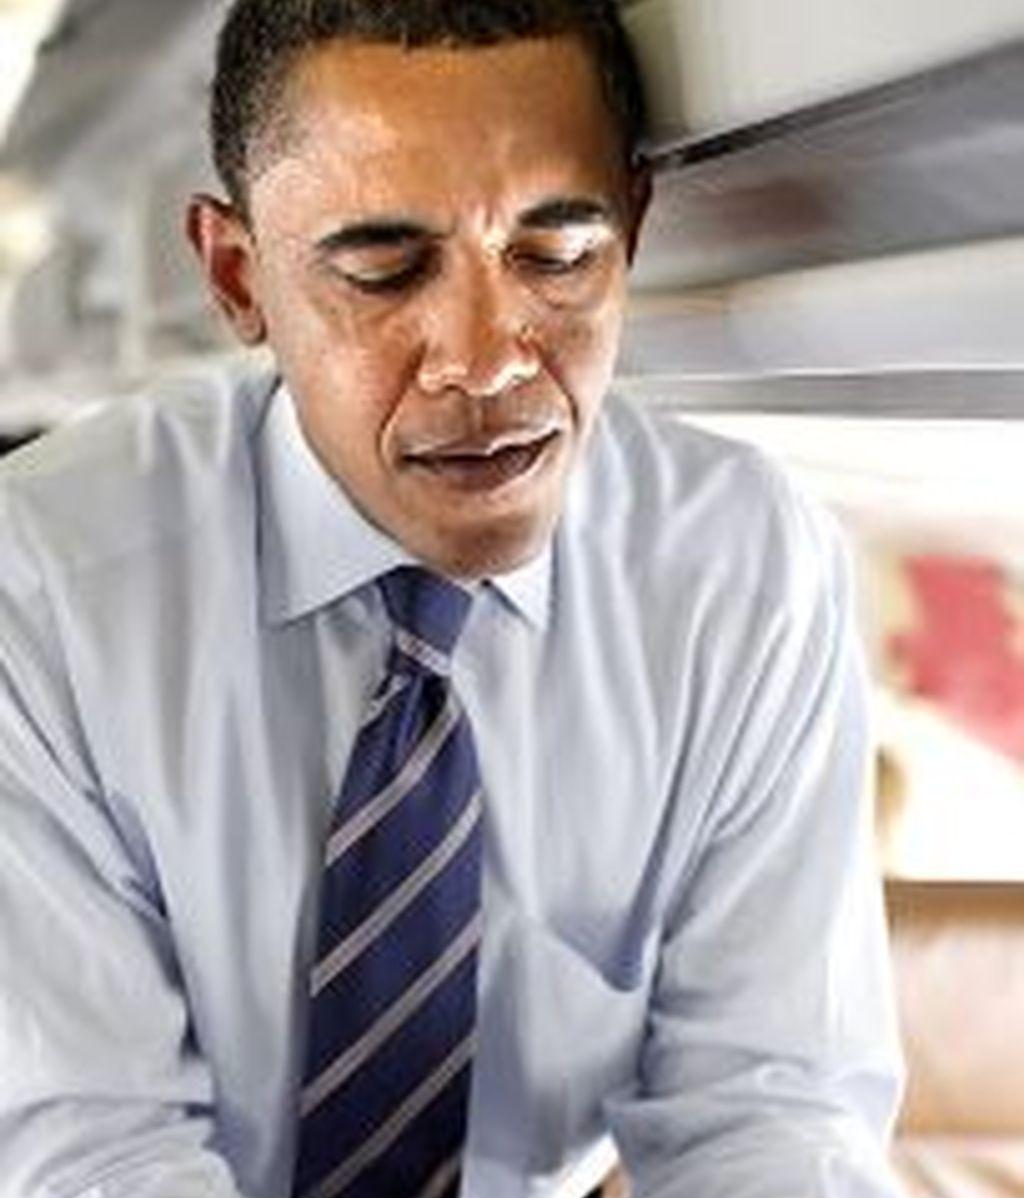 Barack Obama con su Blackberry durante su campaña electoral, impulsa un proyecto para implantar un ID para los usuarios de internet. Foto archivo AP